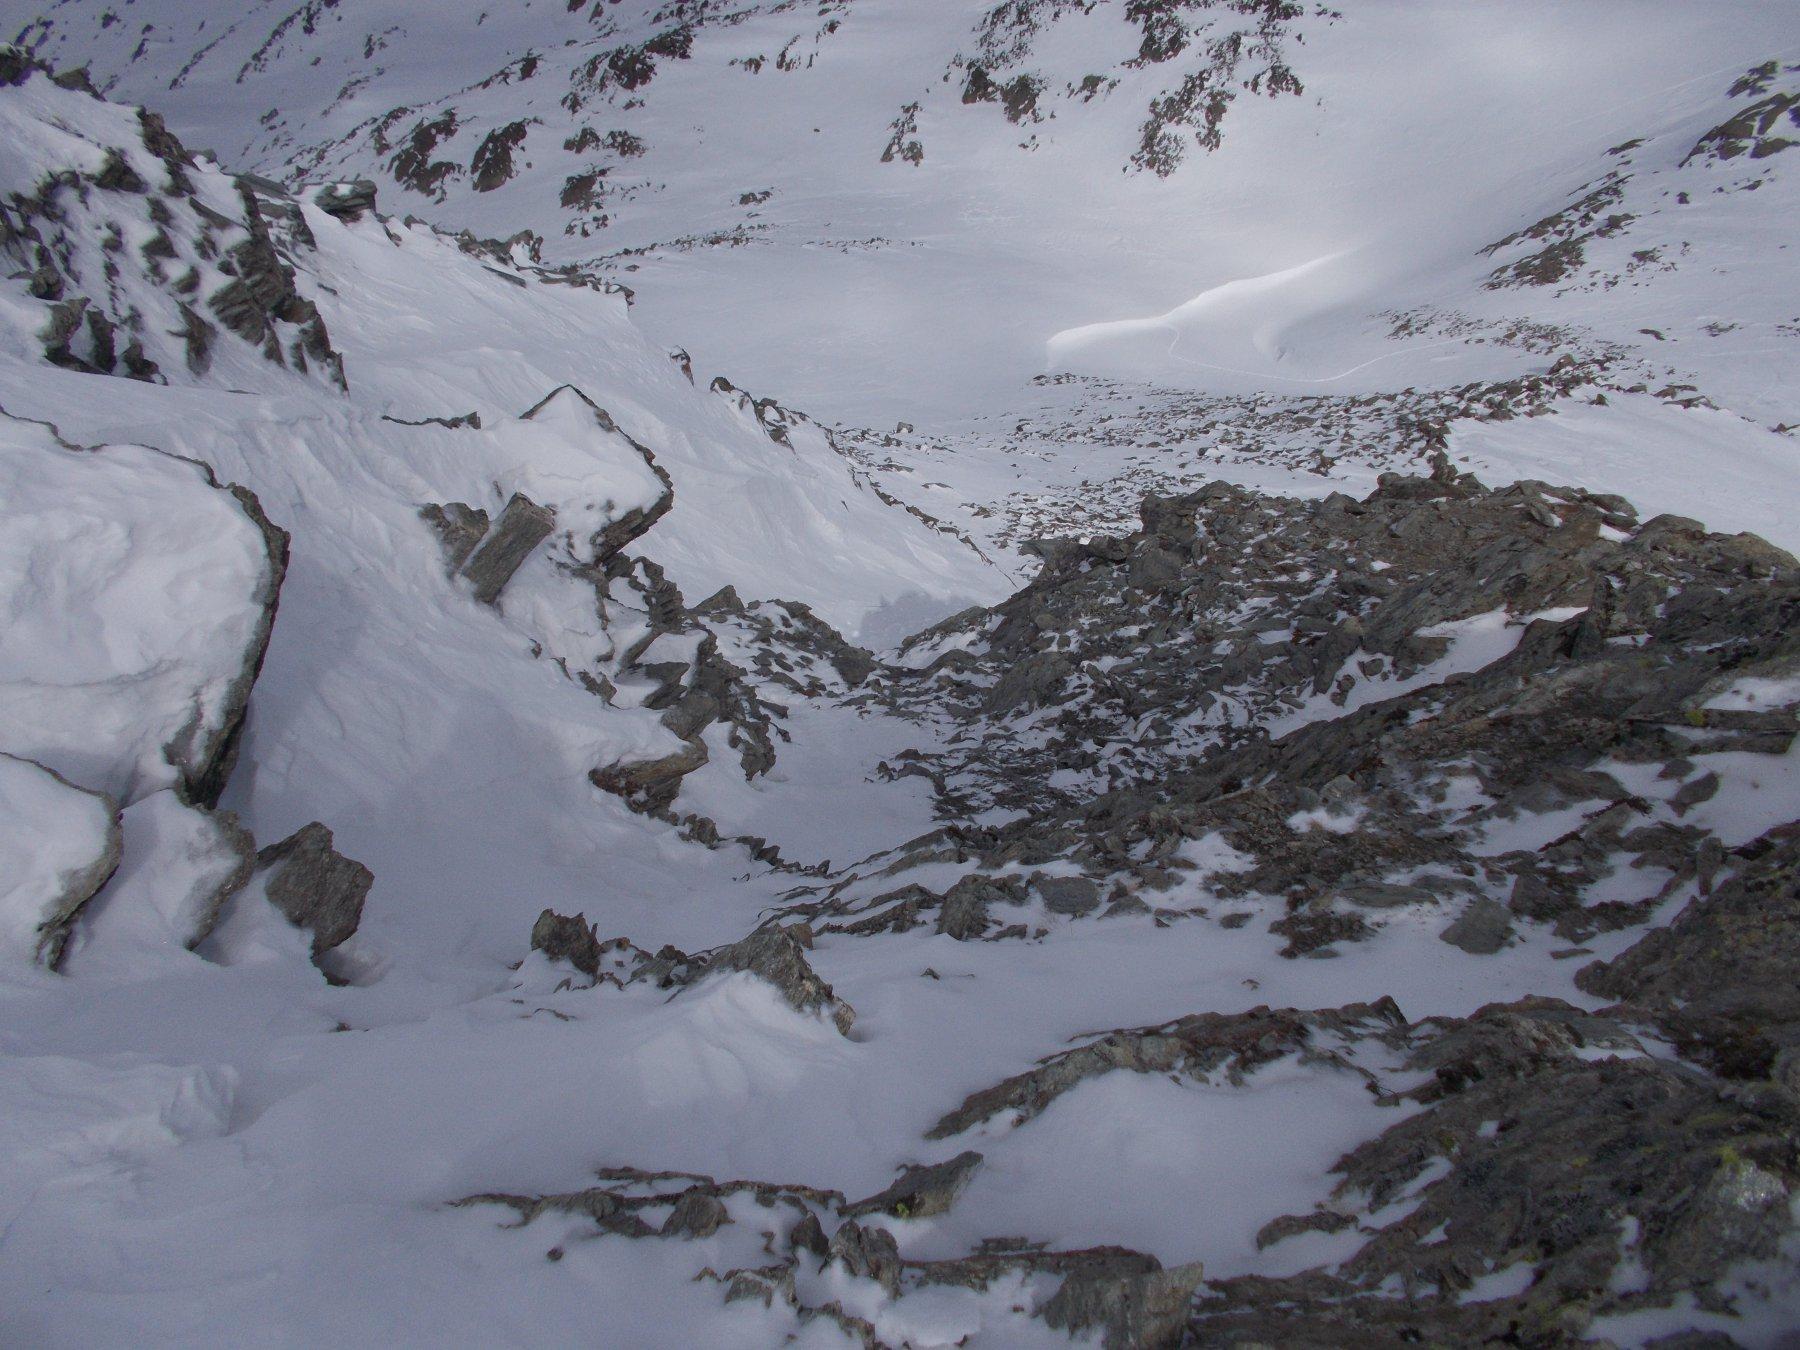 il canalino d'accesso alla cresta..dall'alto..